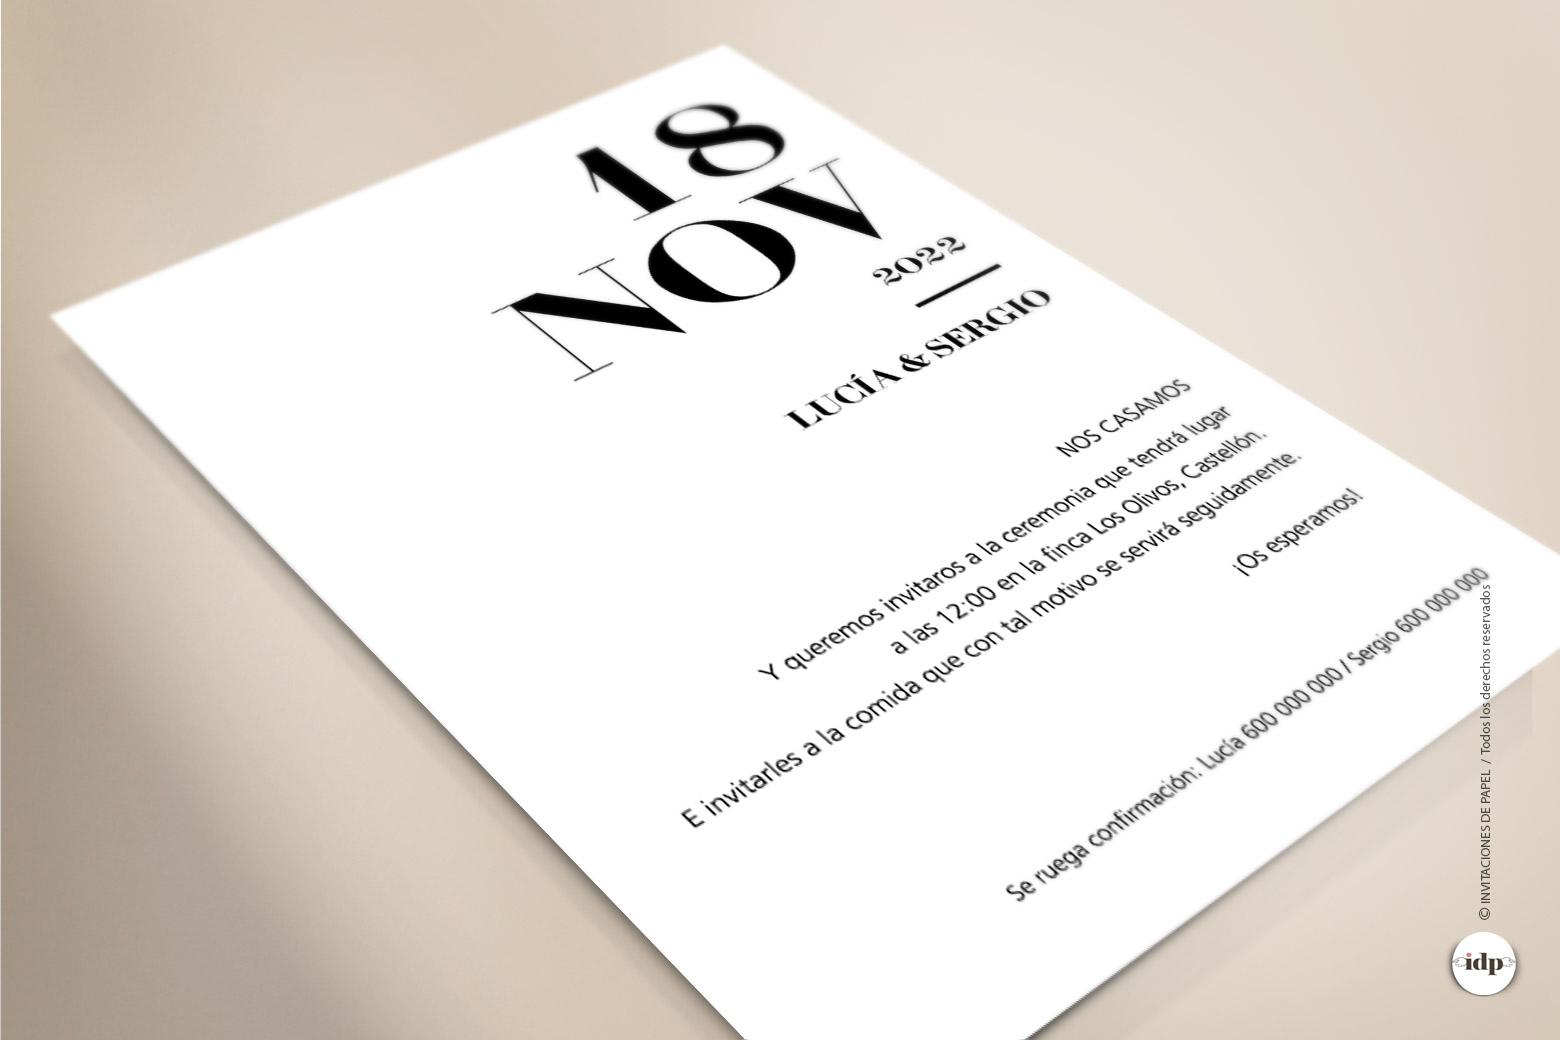 Invitaciones de Boda Originales, Diferentes y Sencillas - letter